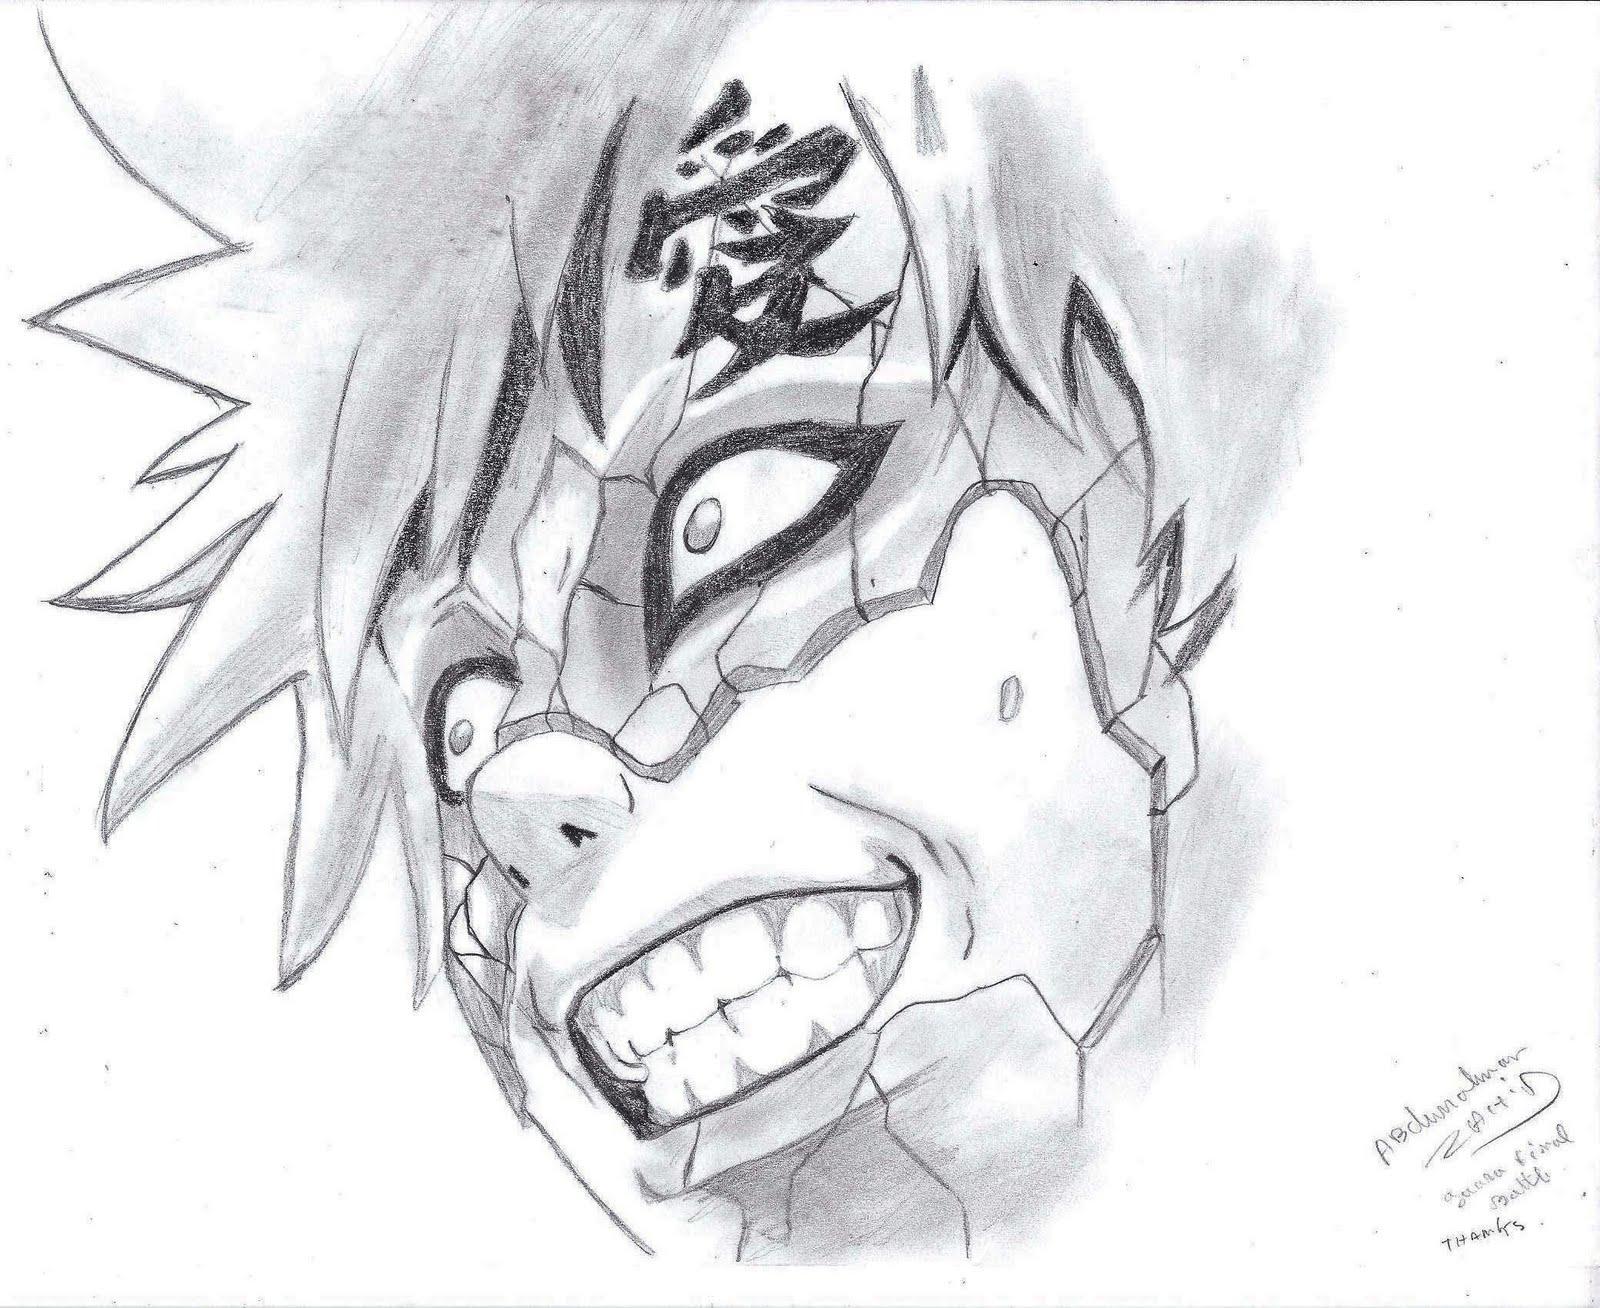 Gaara drawings in pencil